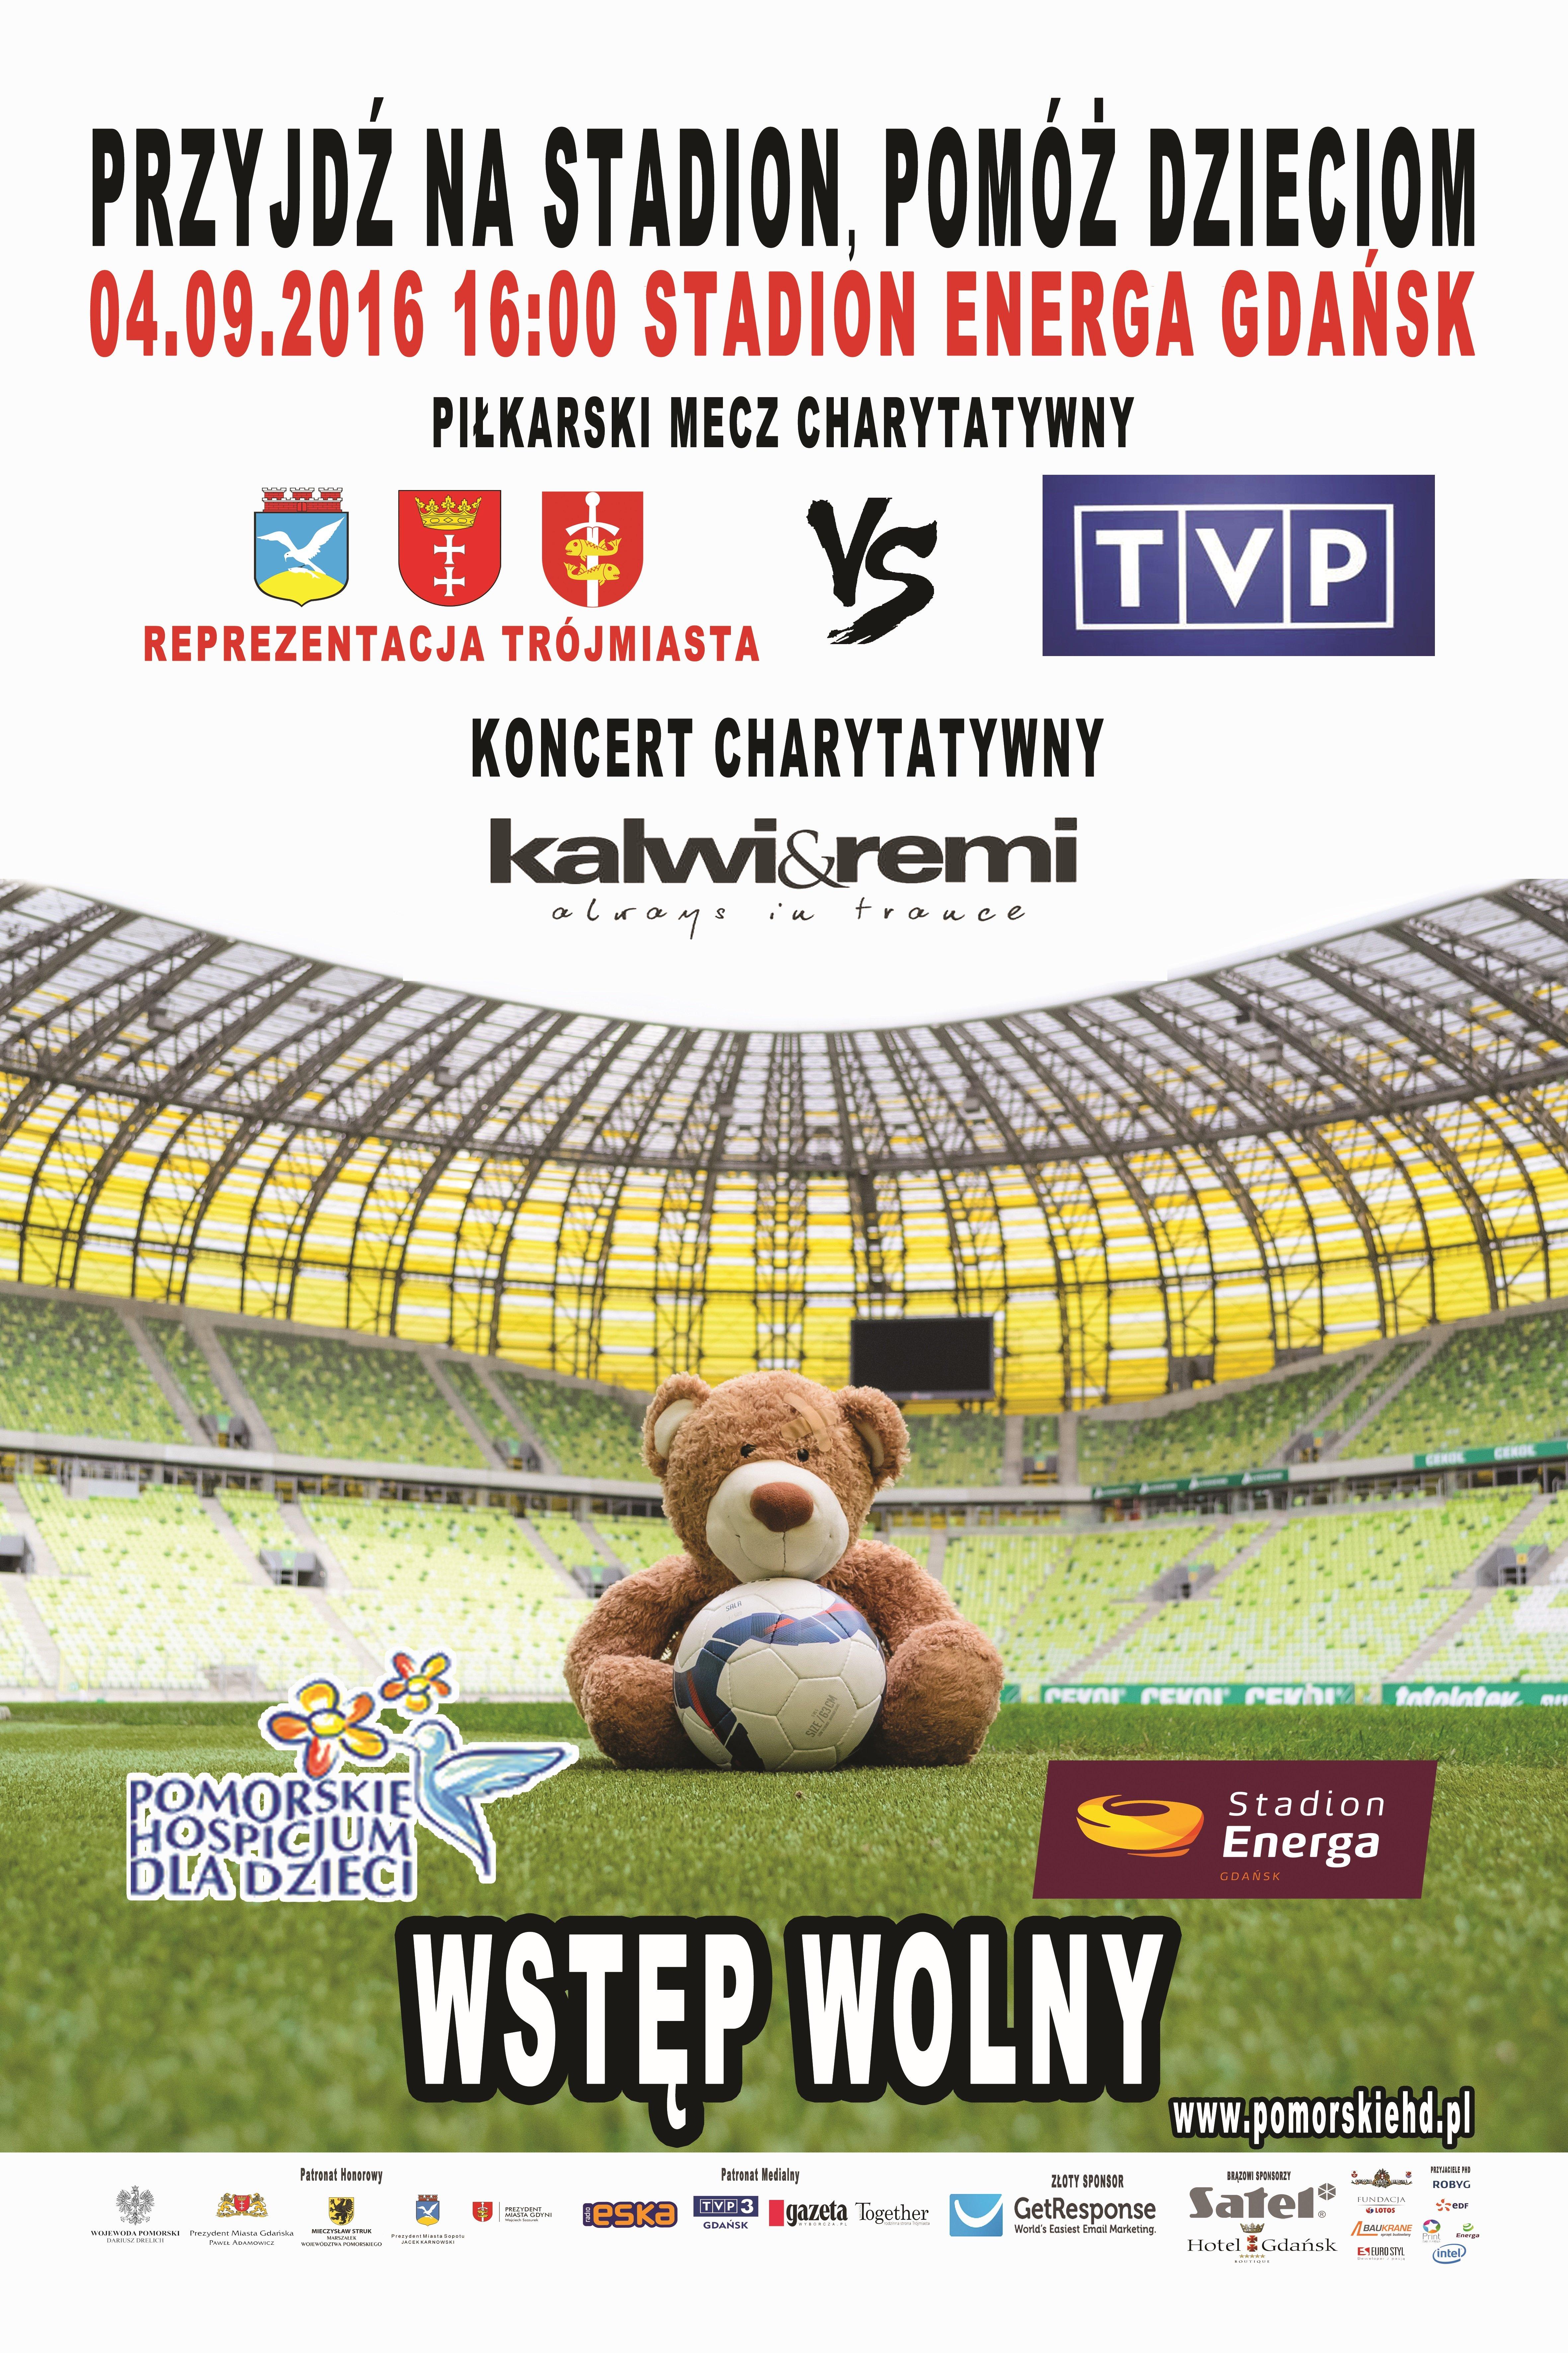 Przyjdź na stadion, pomóż dzieciom mecz charytatywny Gdańsk